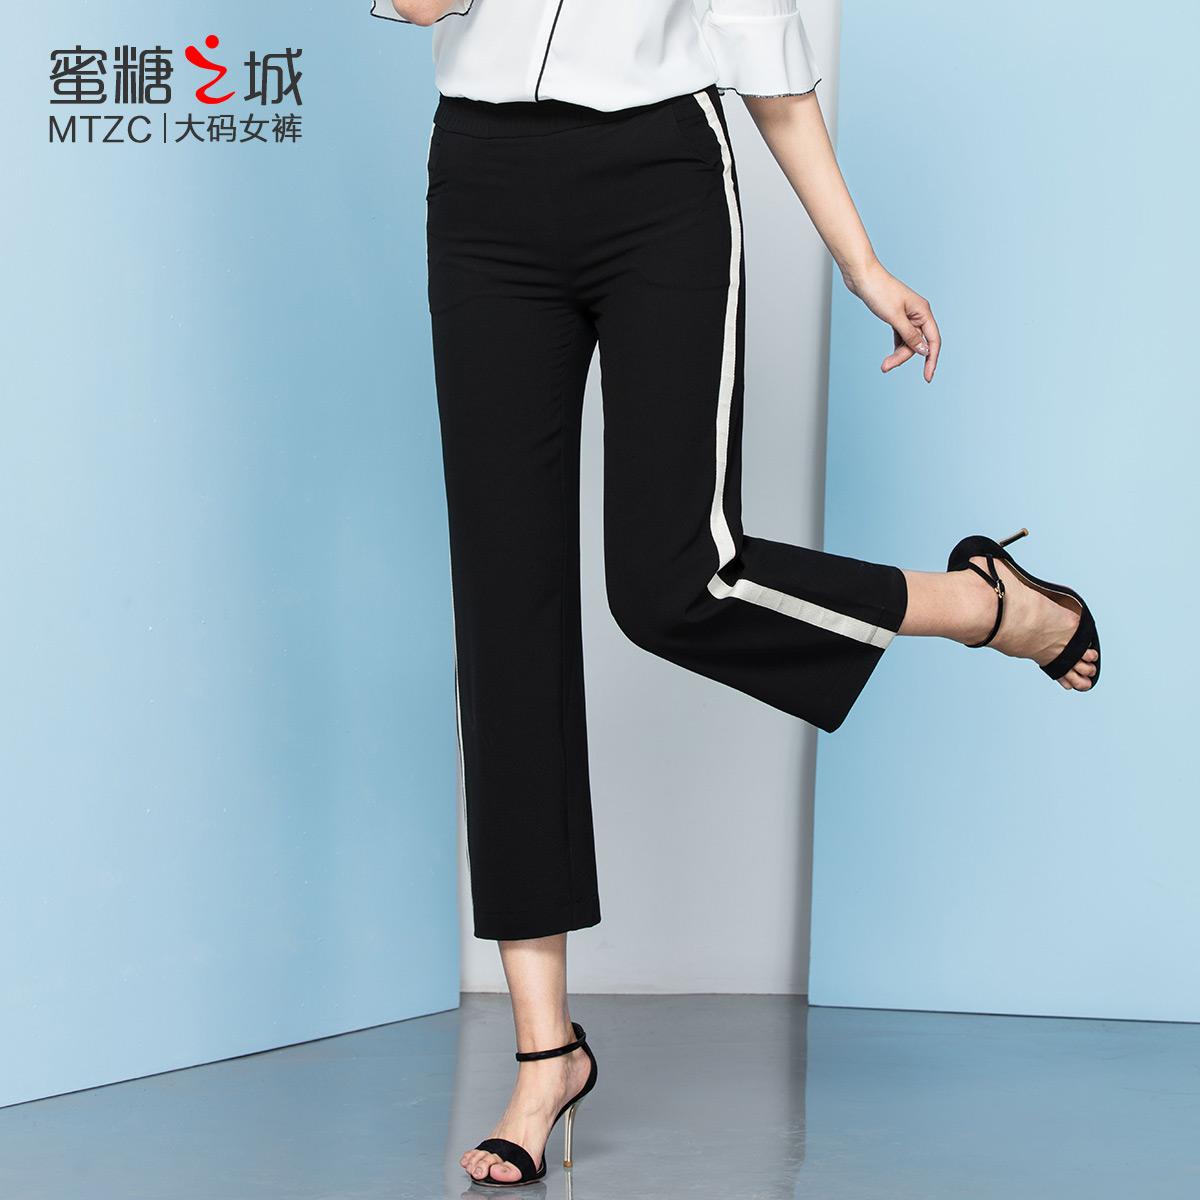 蜜糖之城2018夏季新款黑色直筒裤女阔腿裤高腰薄款大码八分休闲裤